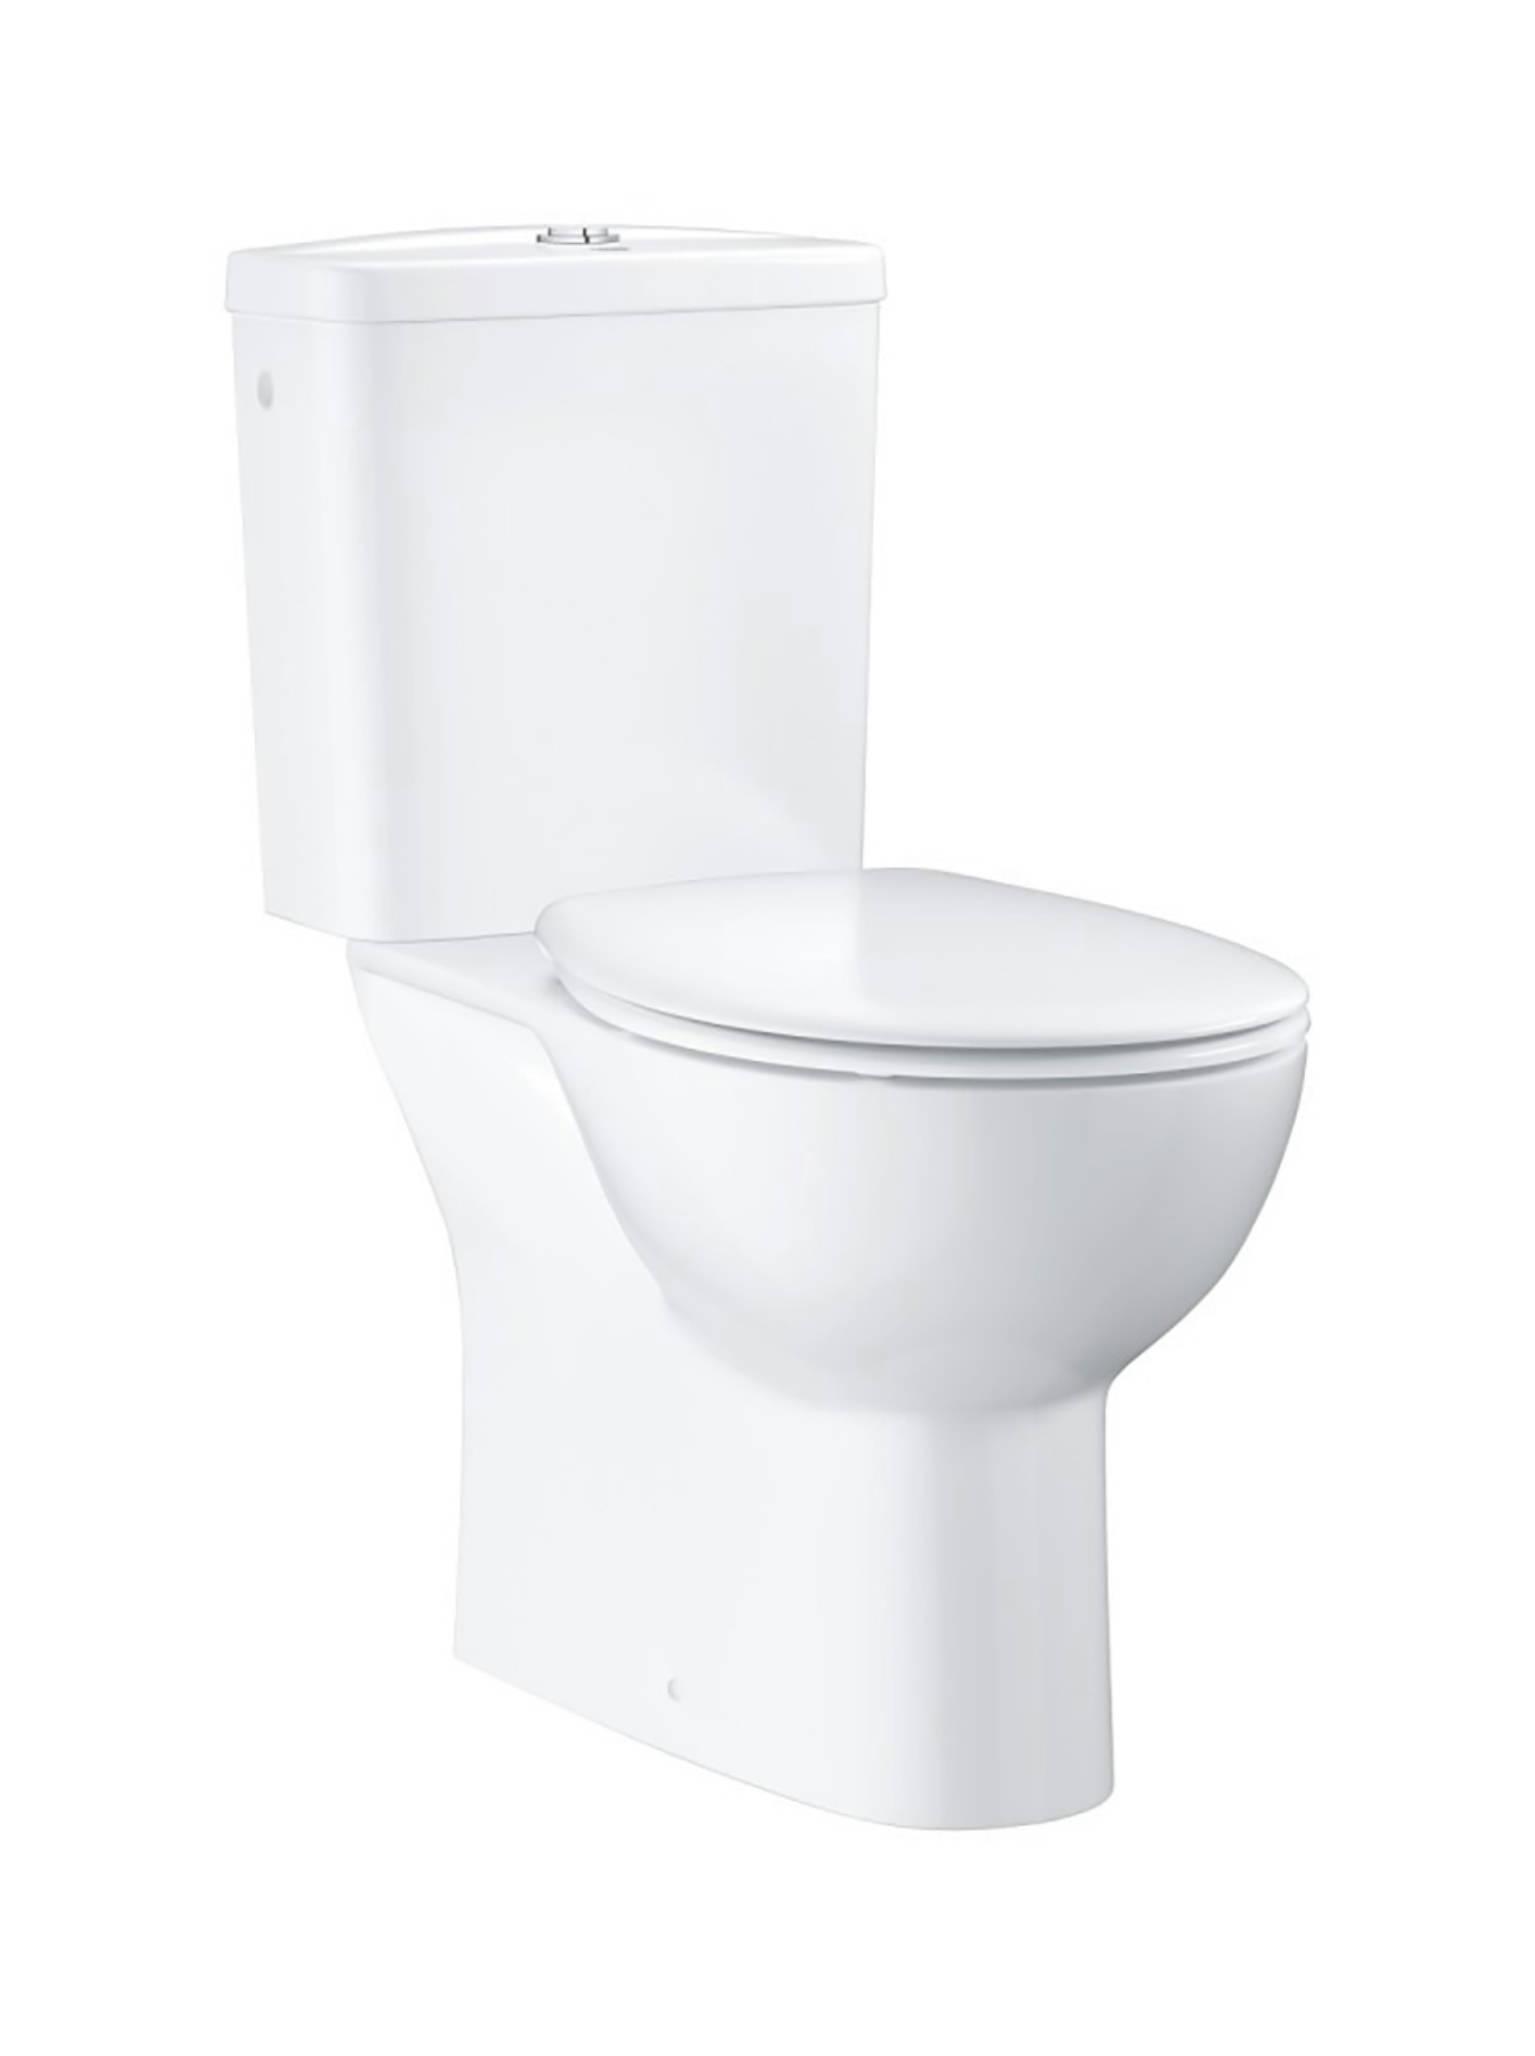 WC BAU CERAMIC EL 39429000 BLANCO   Prosein